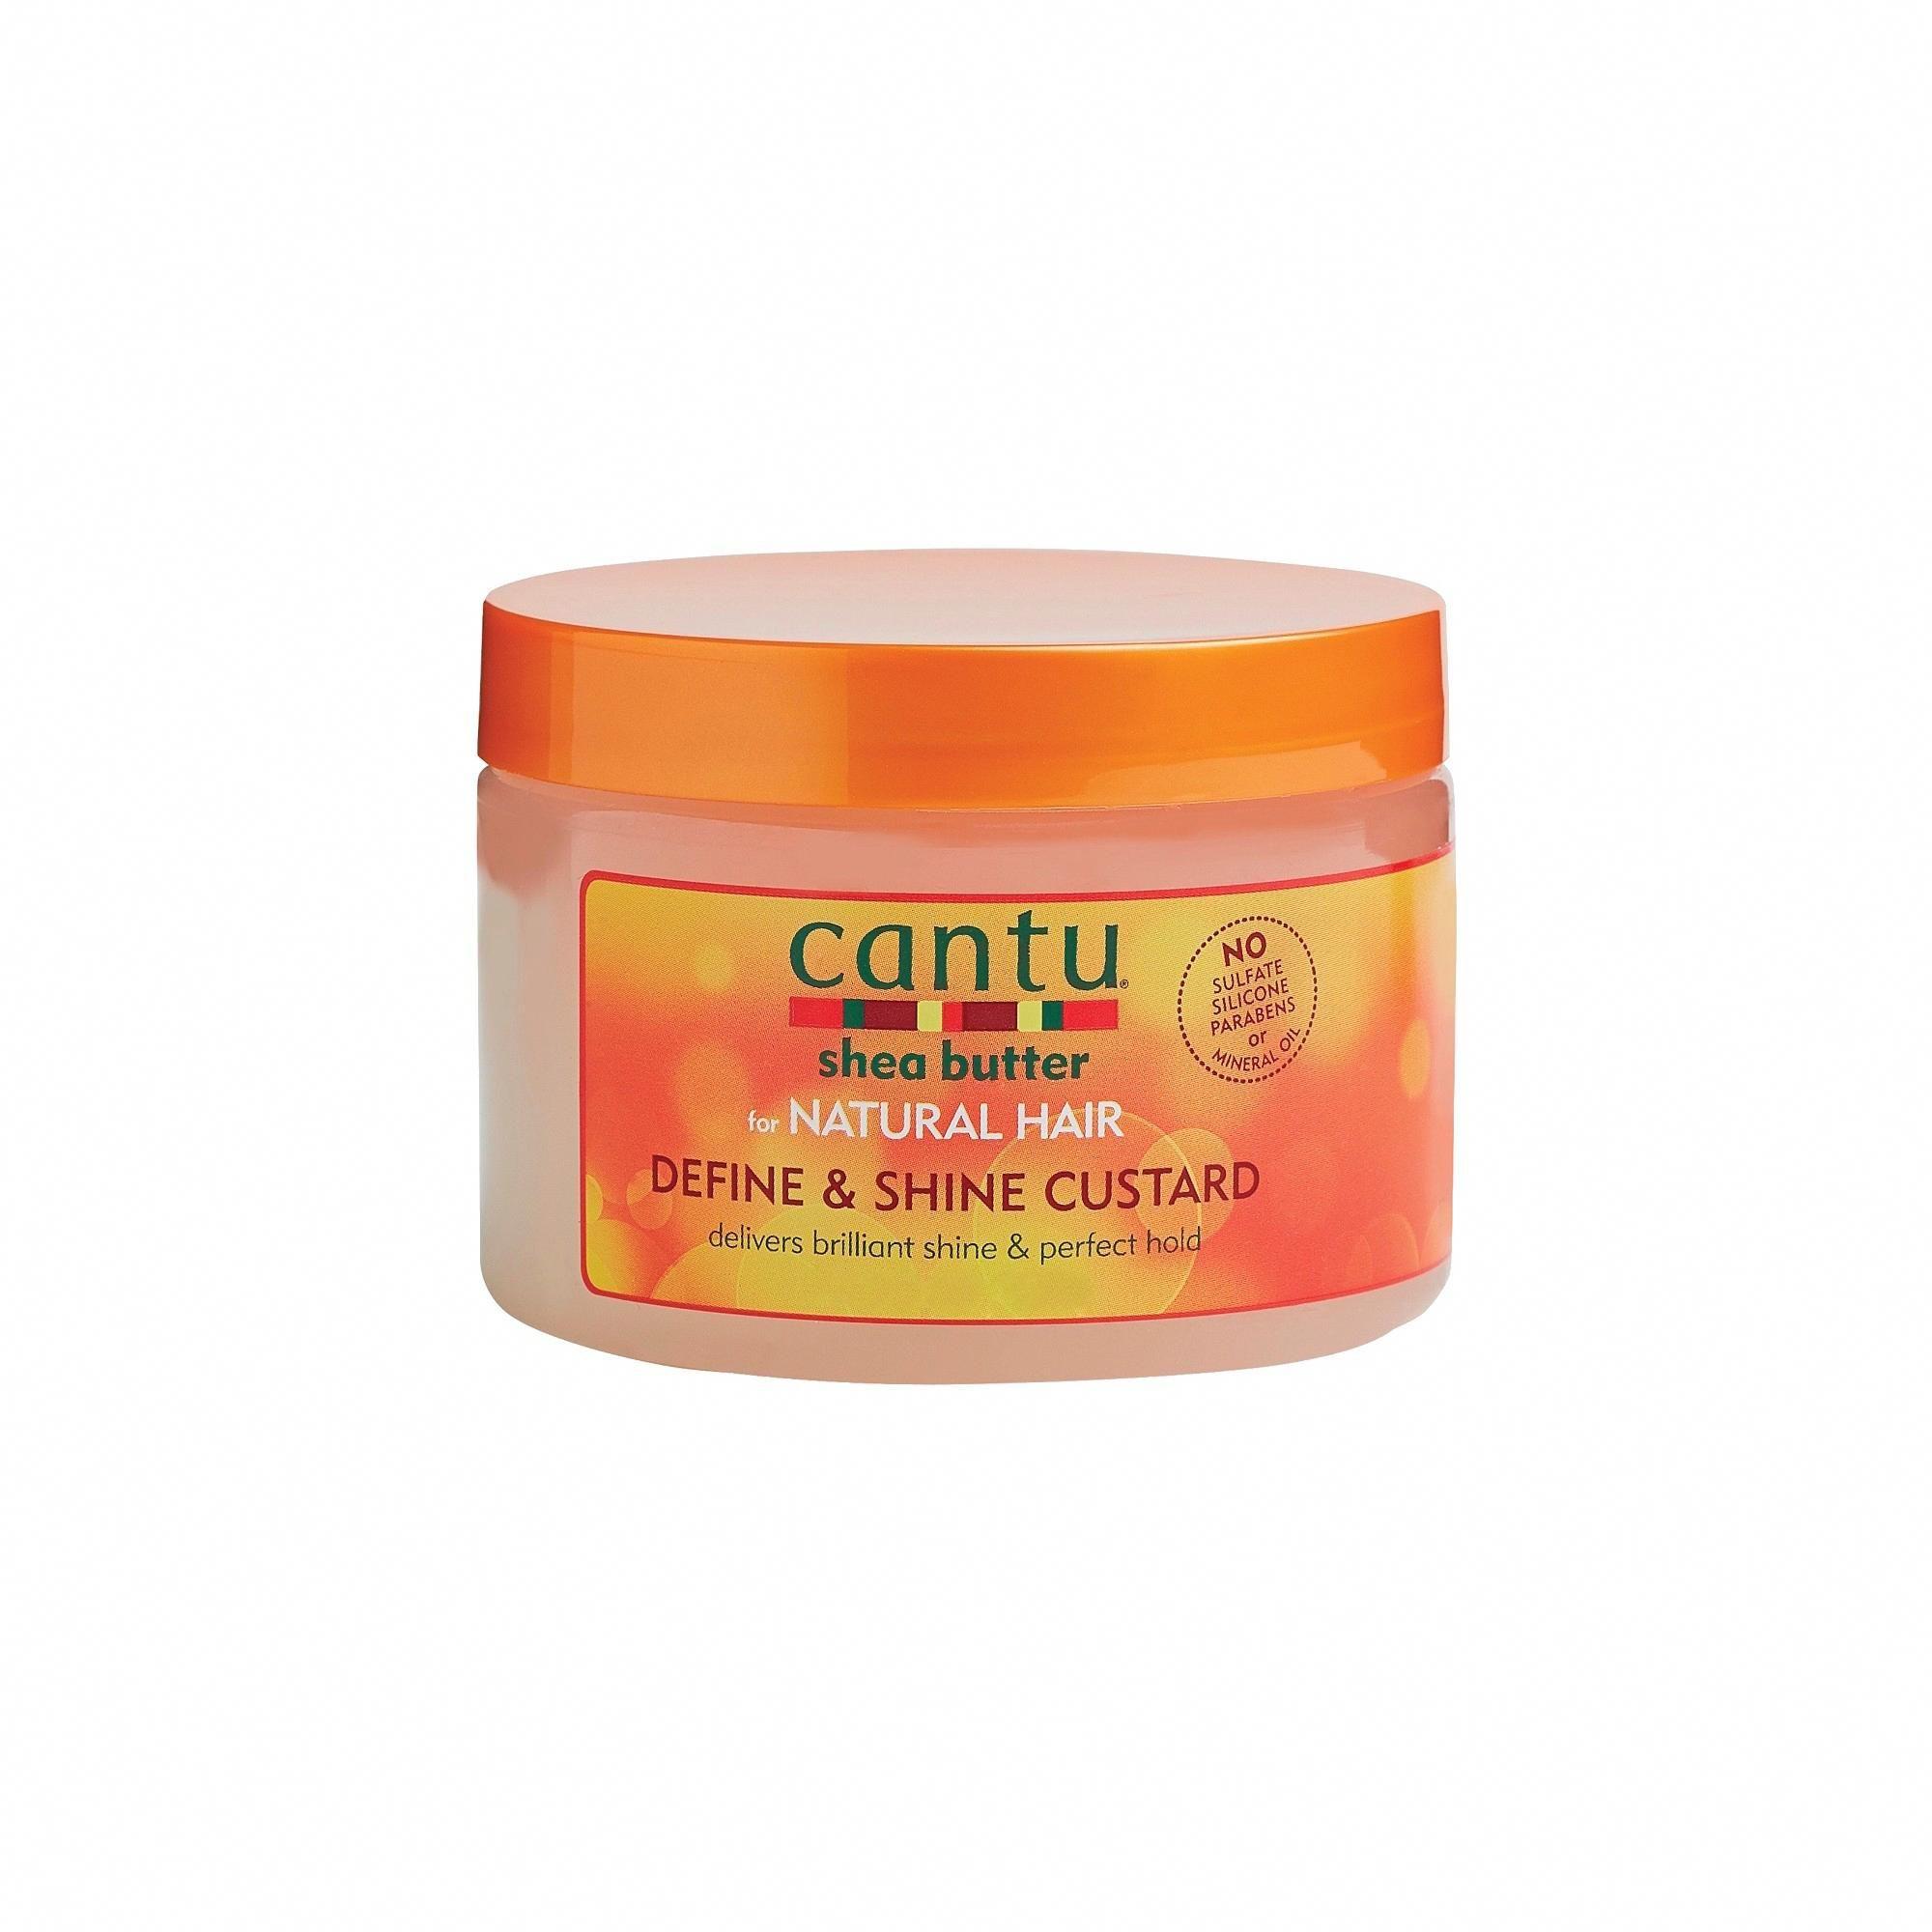 Cantu Shea Butter Define & Shine Custard 12 fl oz